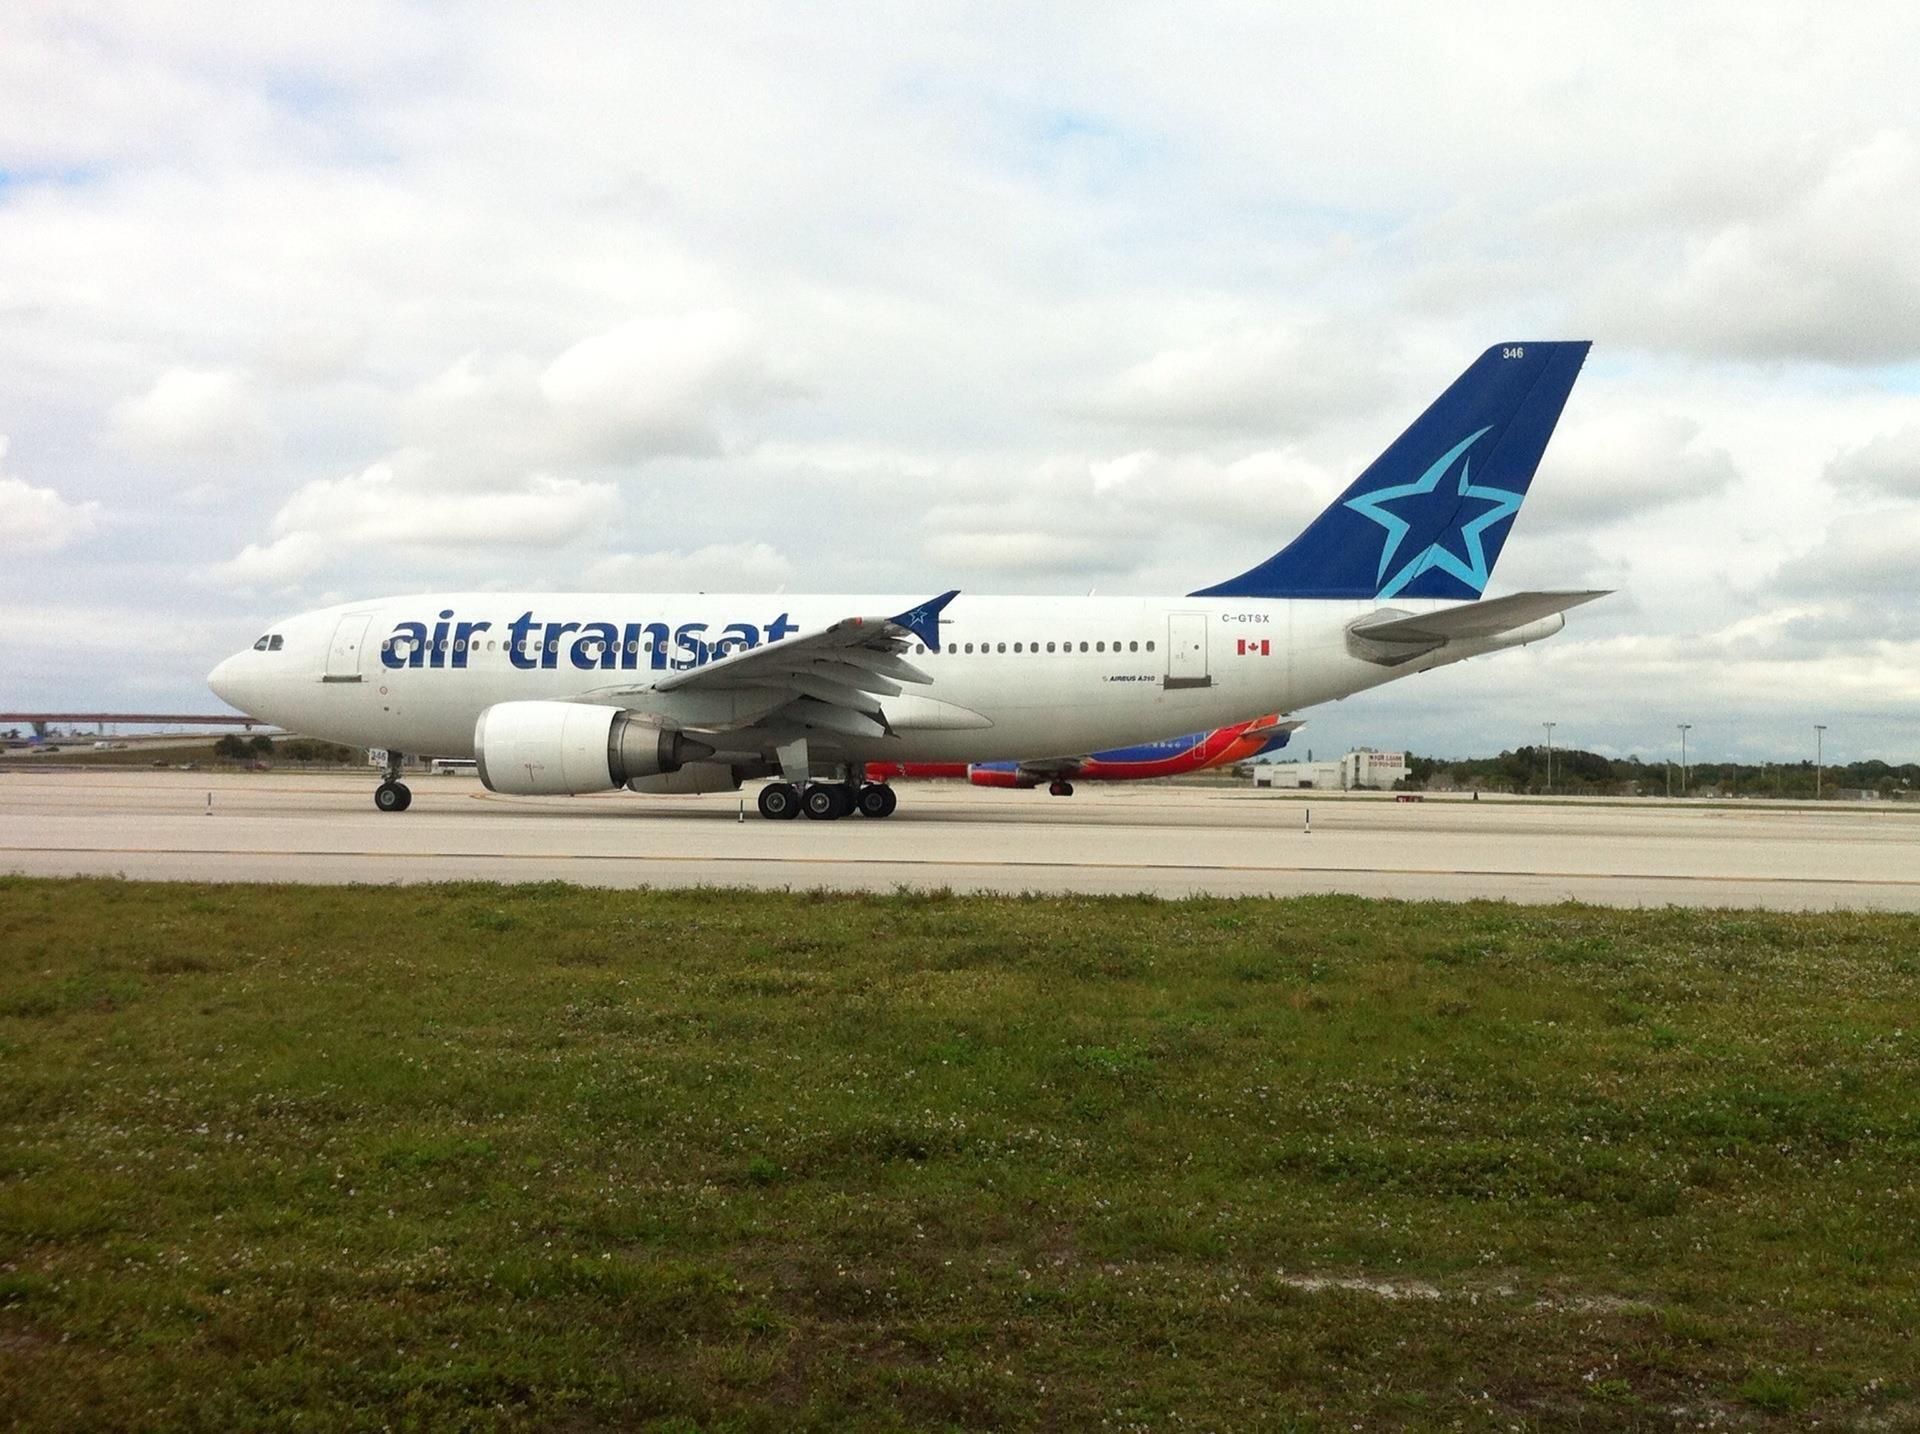 Air Transat Airbus FLL Air transat, Air, Airbus